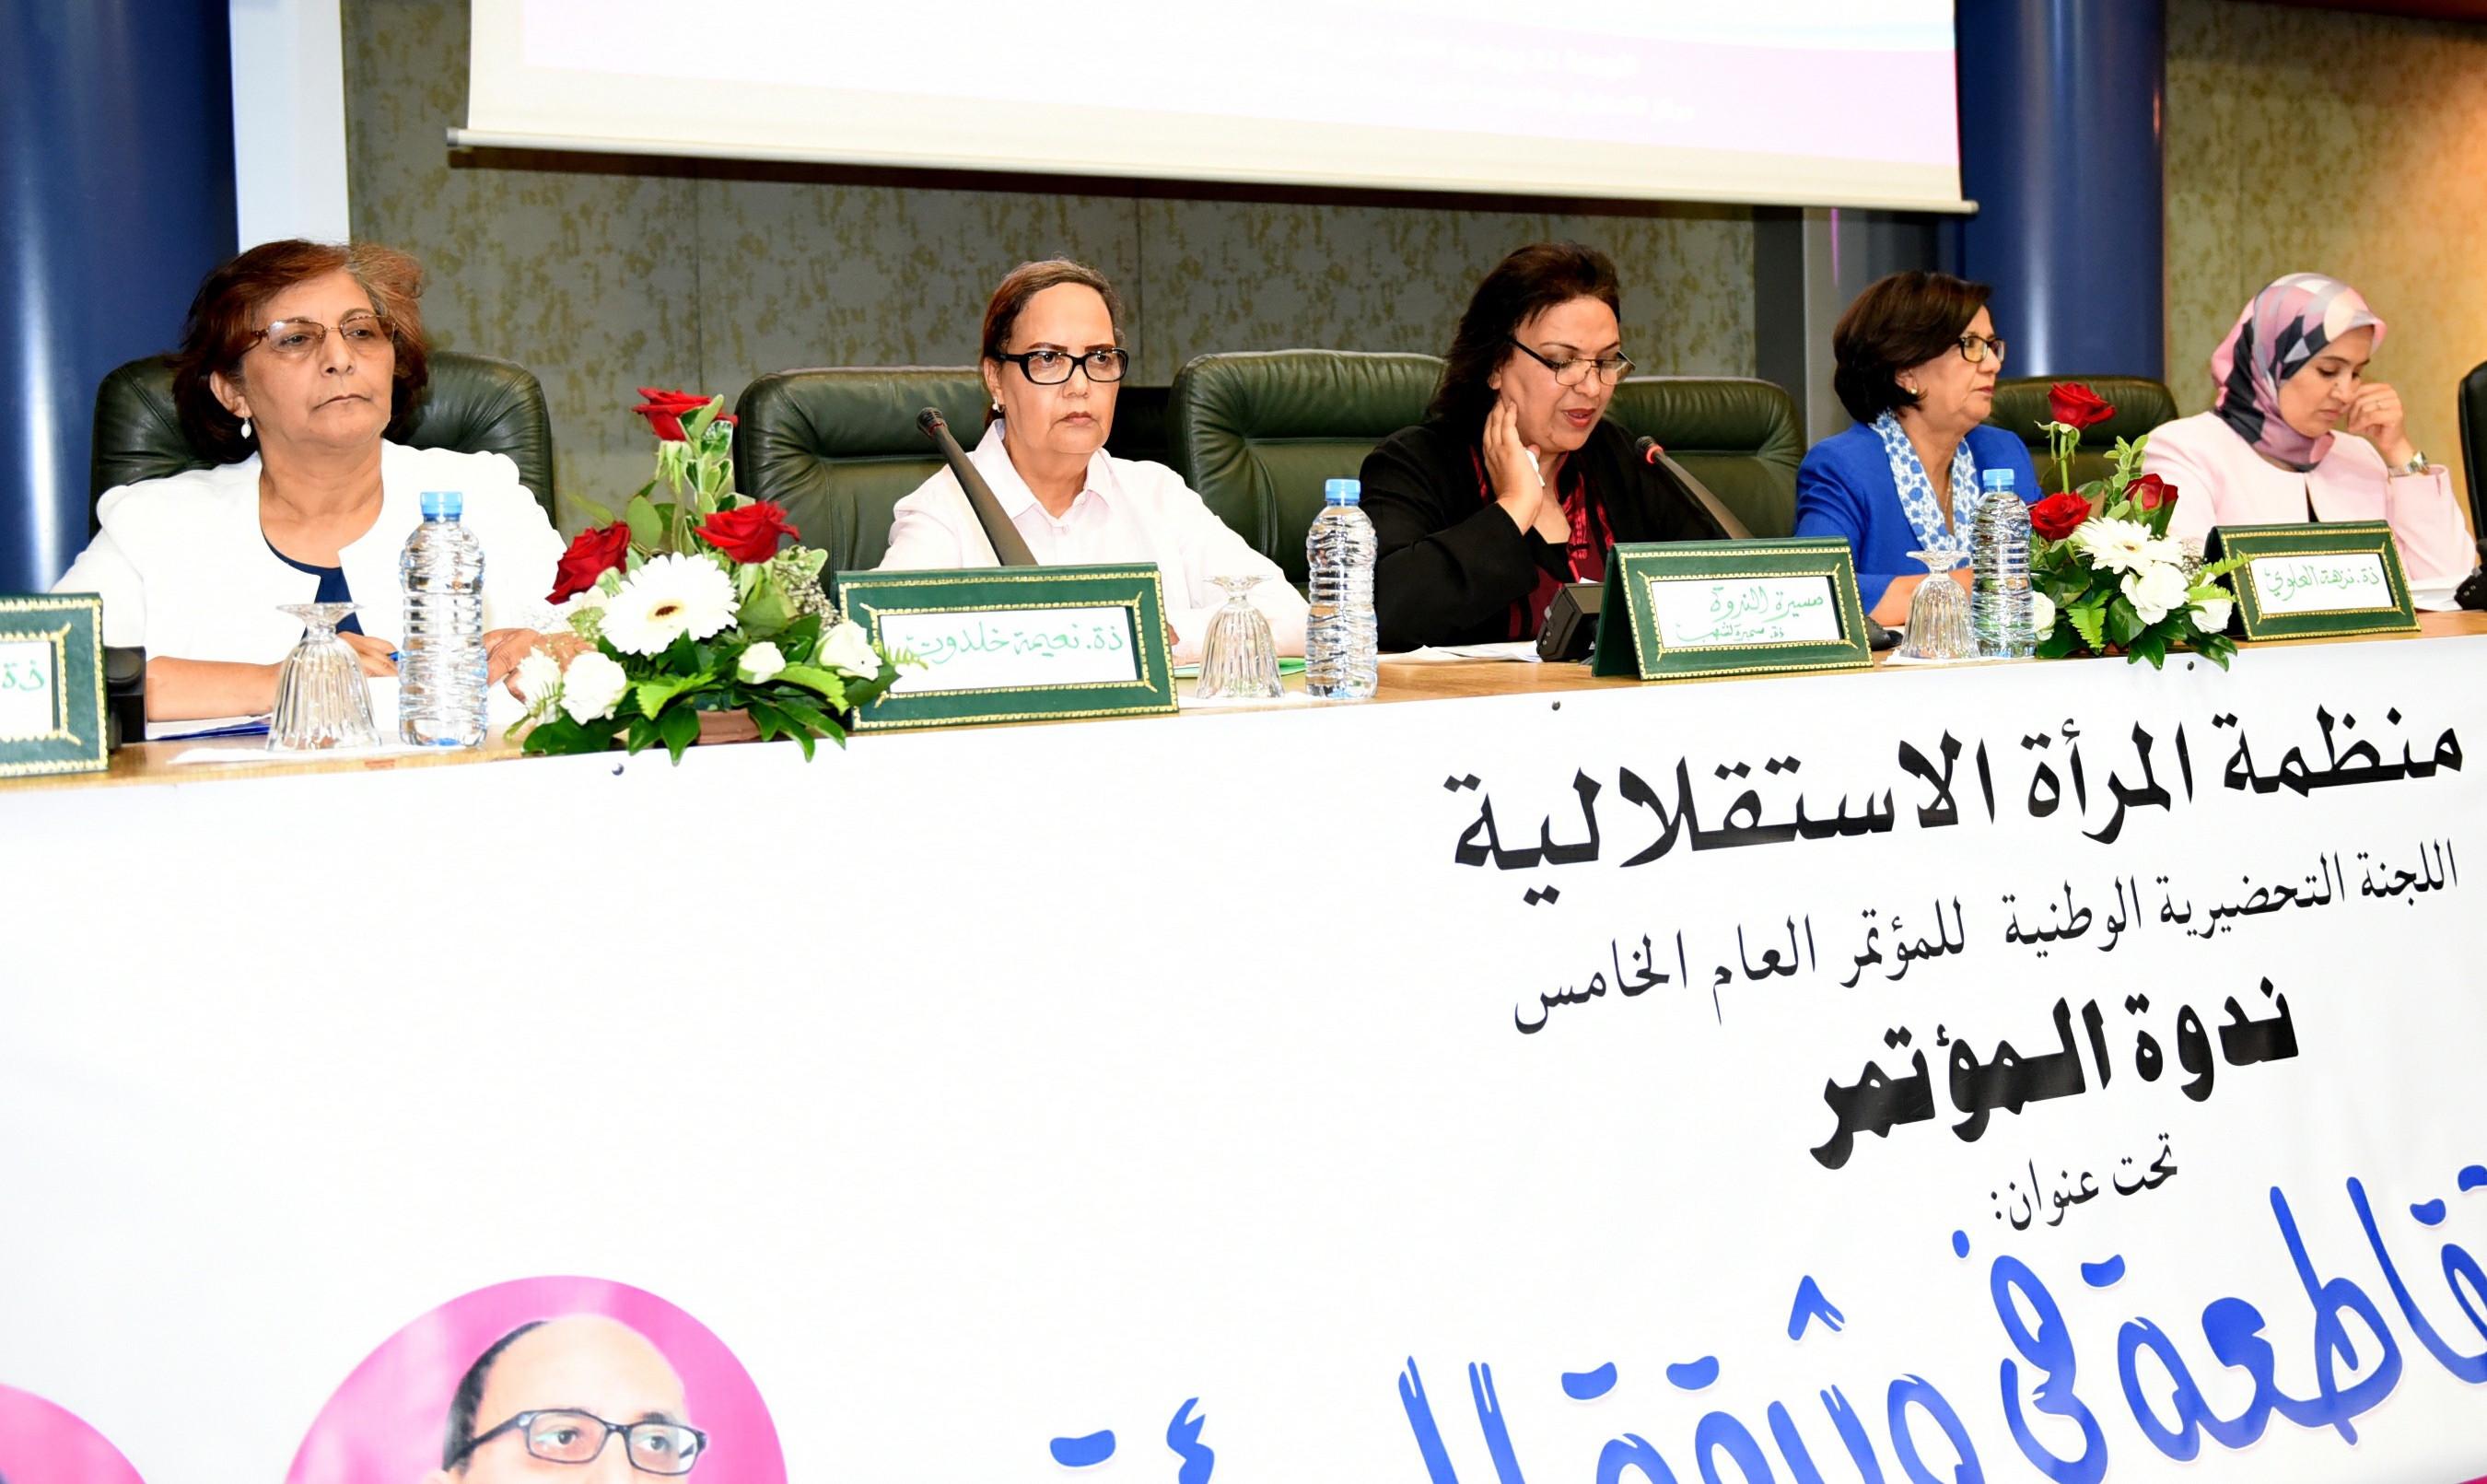 مناضلات الحركة النسائية يتدارسن وثيقة المؤتمر الخامس لمنظمة المرأة الاستقلالية